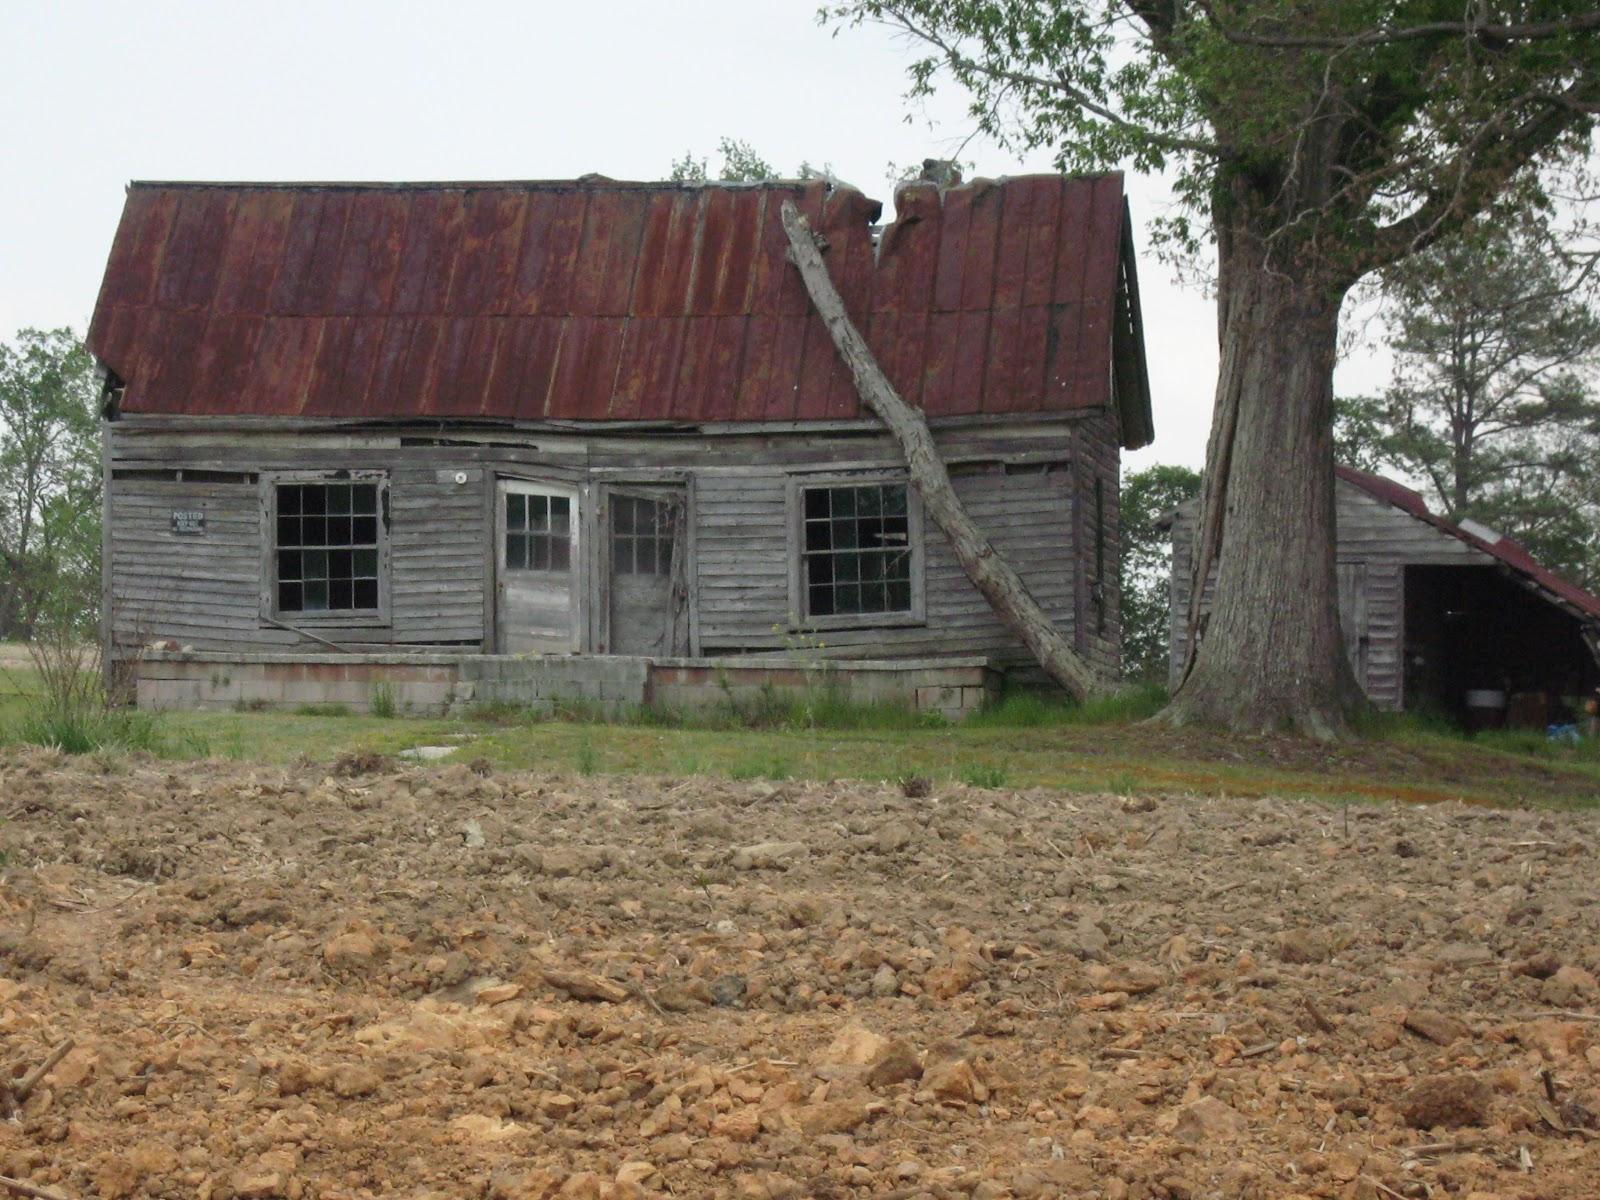 Rüyada Kötü Görmek Bir Evi